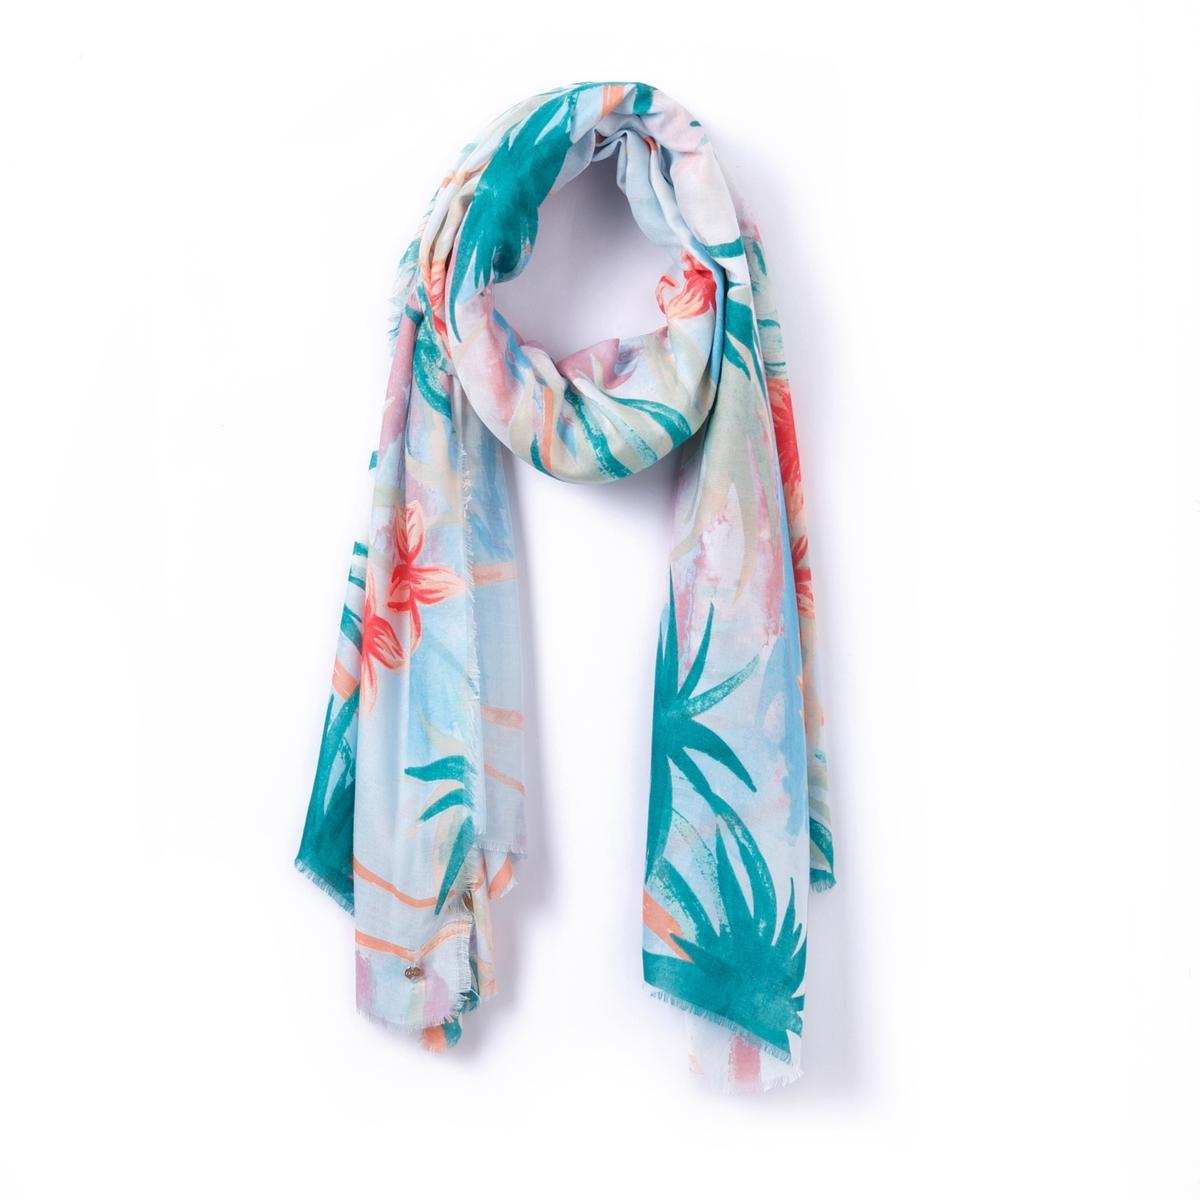 Шарф из вискозы TropicalВеликолепный изящный шарф ESPRIT с очень ярким растительным орнаментом и отделкой бахромой. Легкий и экзотичный, он с легкостью найдет свое место в Вашем осеннем гардеробе.Состав и описание :Материал : 100% полиамидРазмеры : 80 x 100 смУход: : Следуйте рекомендациям, указанным на этикетке изделия.<br><br>Цвет: рисунок тропики